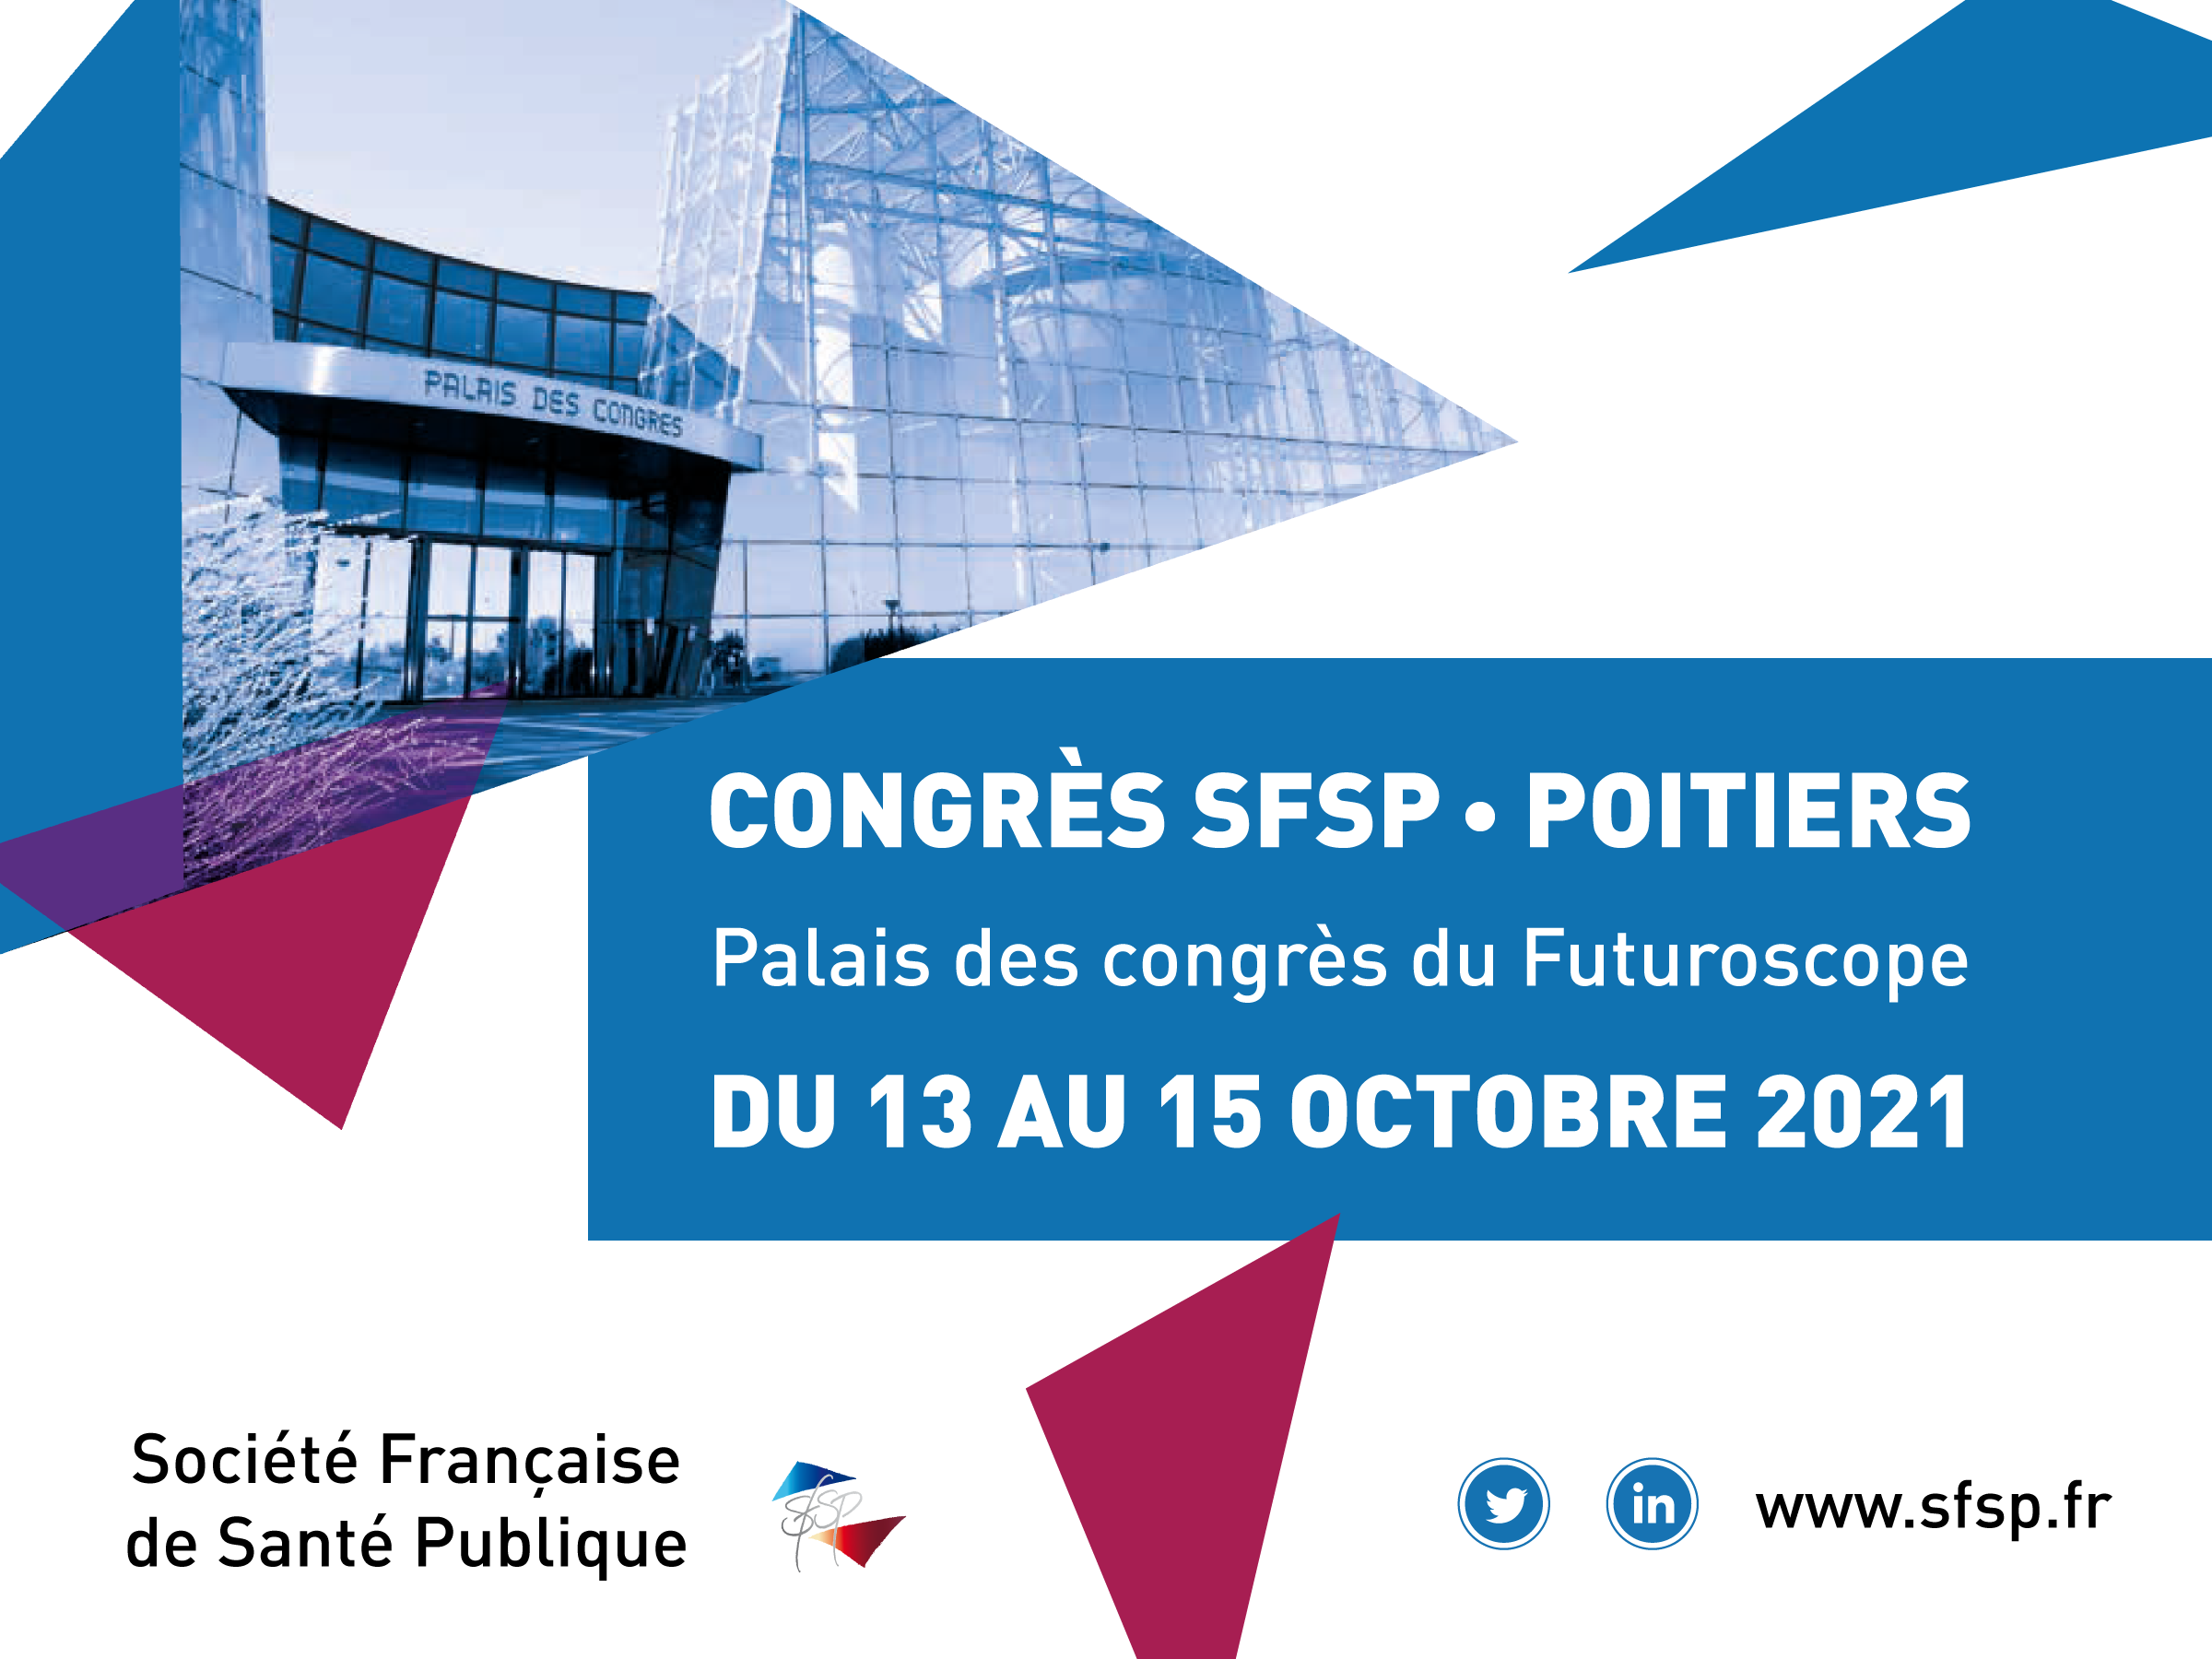 congres SFSP 13 au 15 octobre